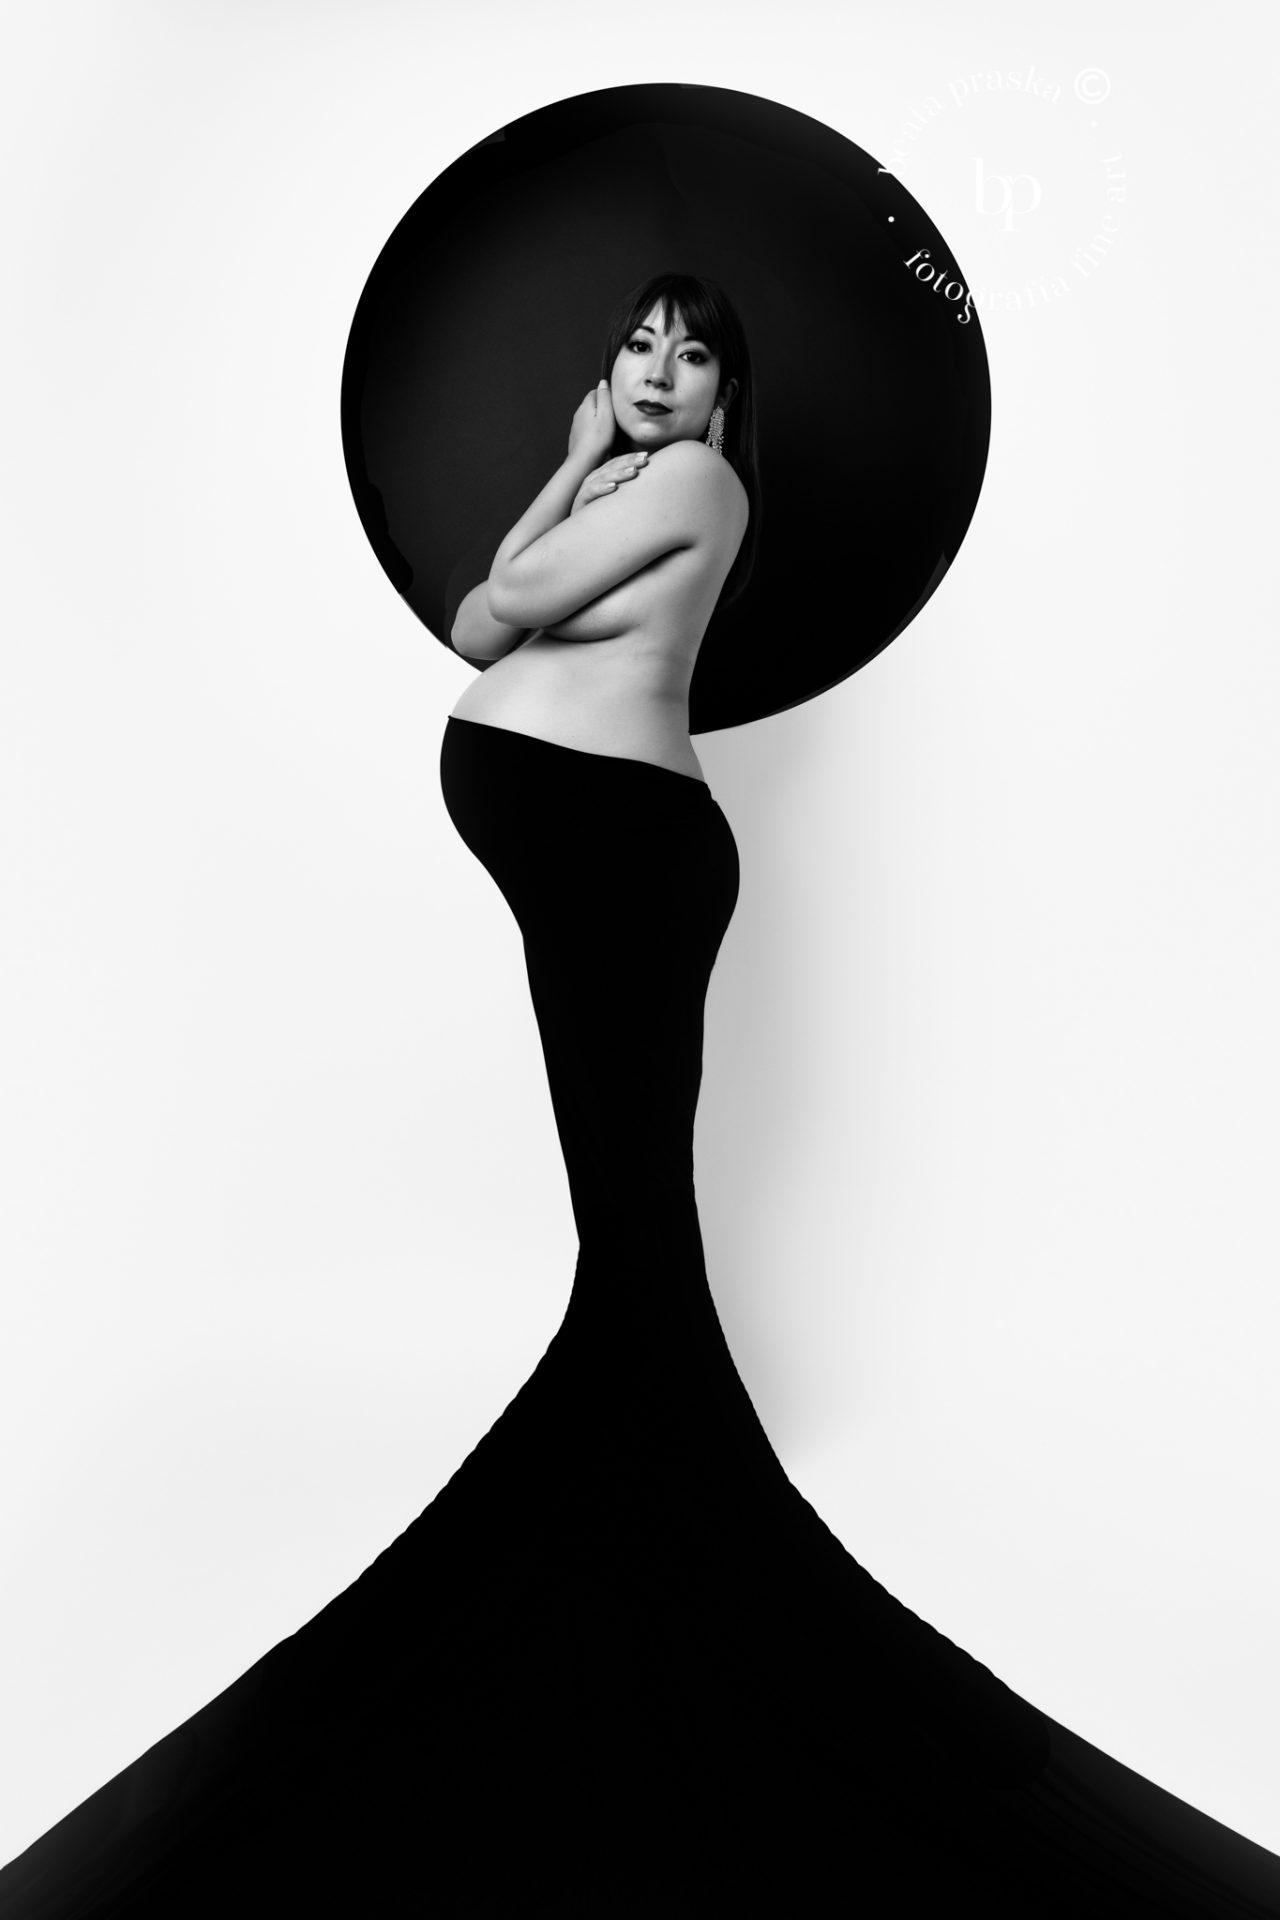 fotografia de maternidad en blanco y negro